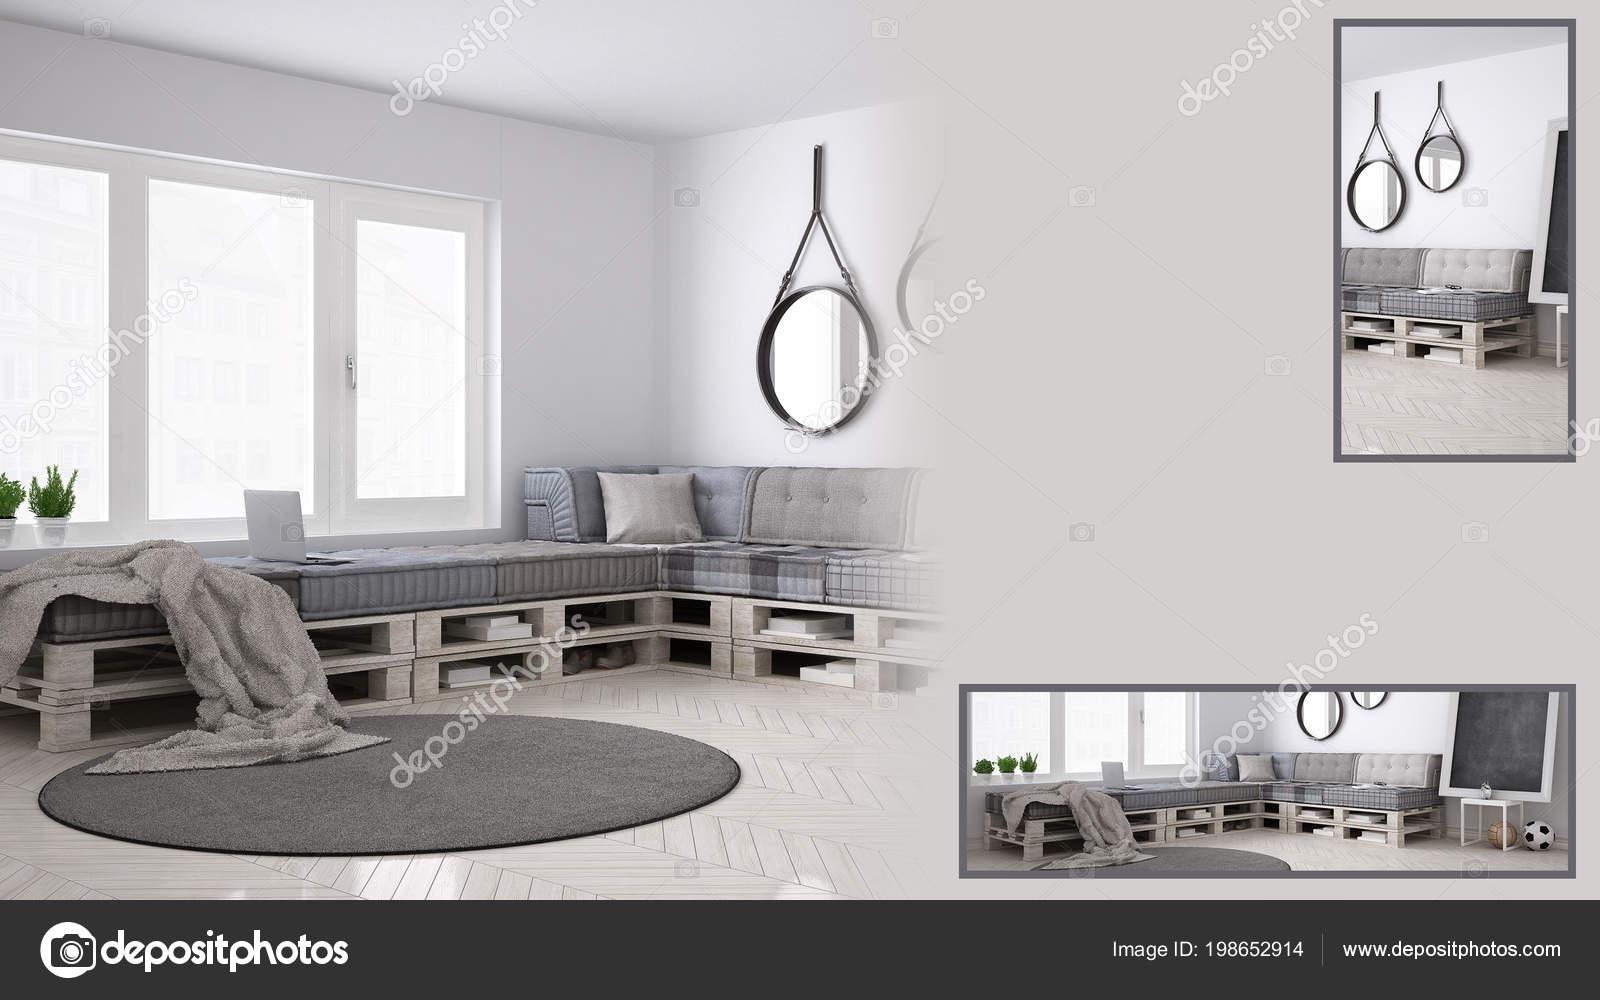 Diy Wohnzimmer Prasentation Mit Kopie Raum Und Details Closeup